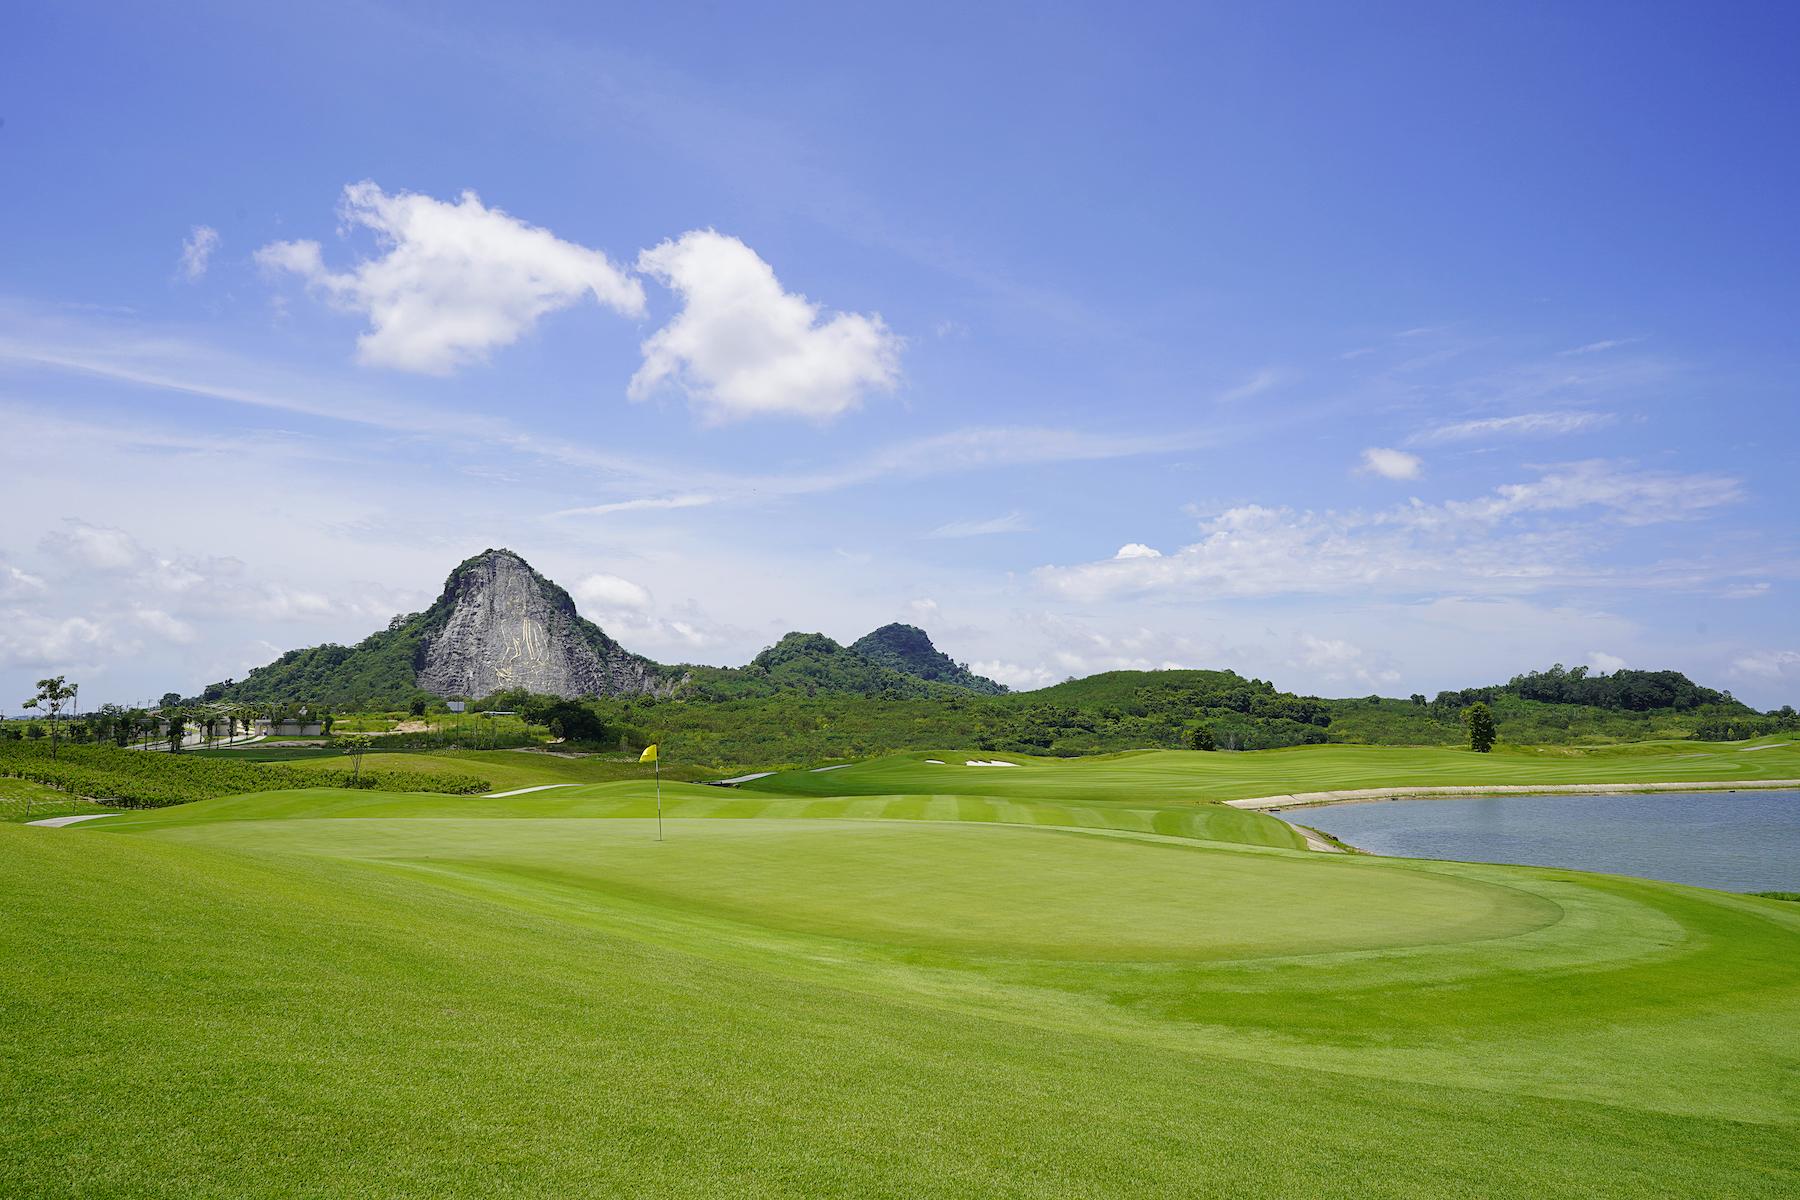 細川様御一行様「タイ・パタヤ4ラウンド ゴルフツアー」